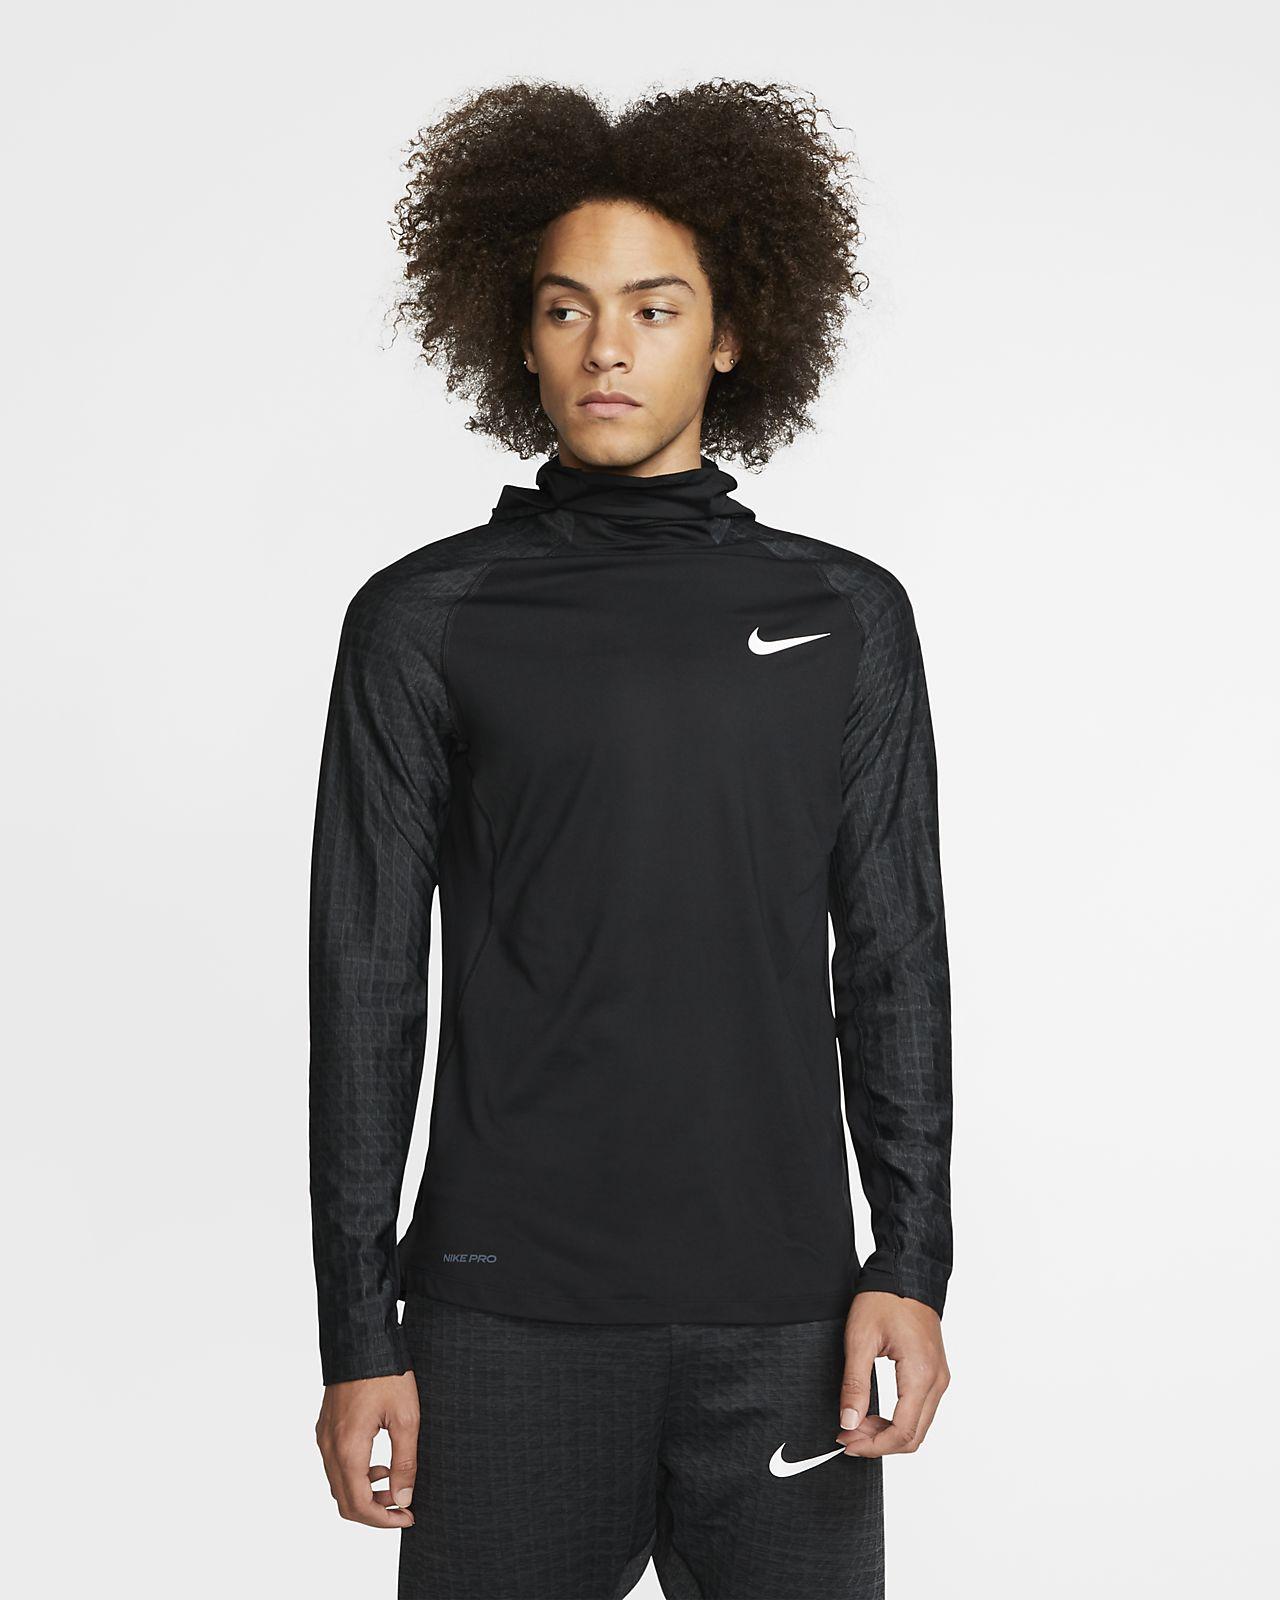 Ανδρική μακρυμάνικη μπλούζα προπόνησης με κουκούλα Nike Pro Therma